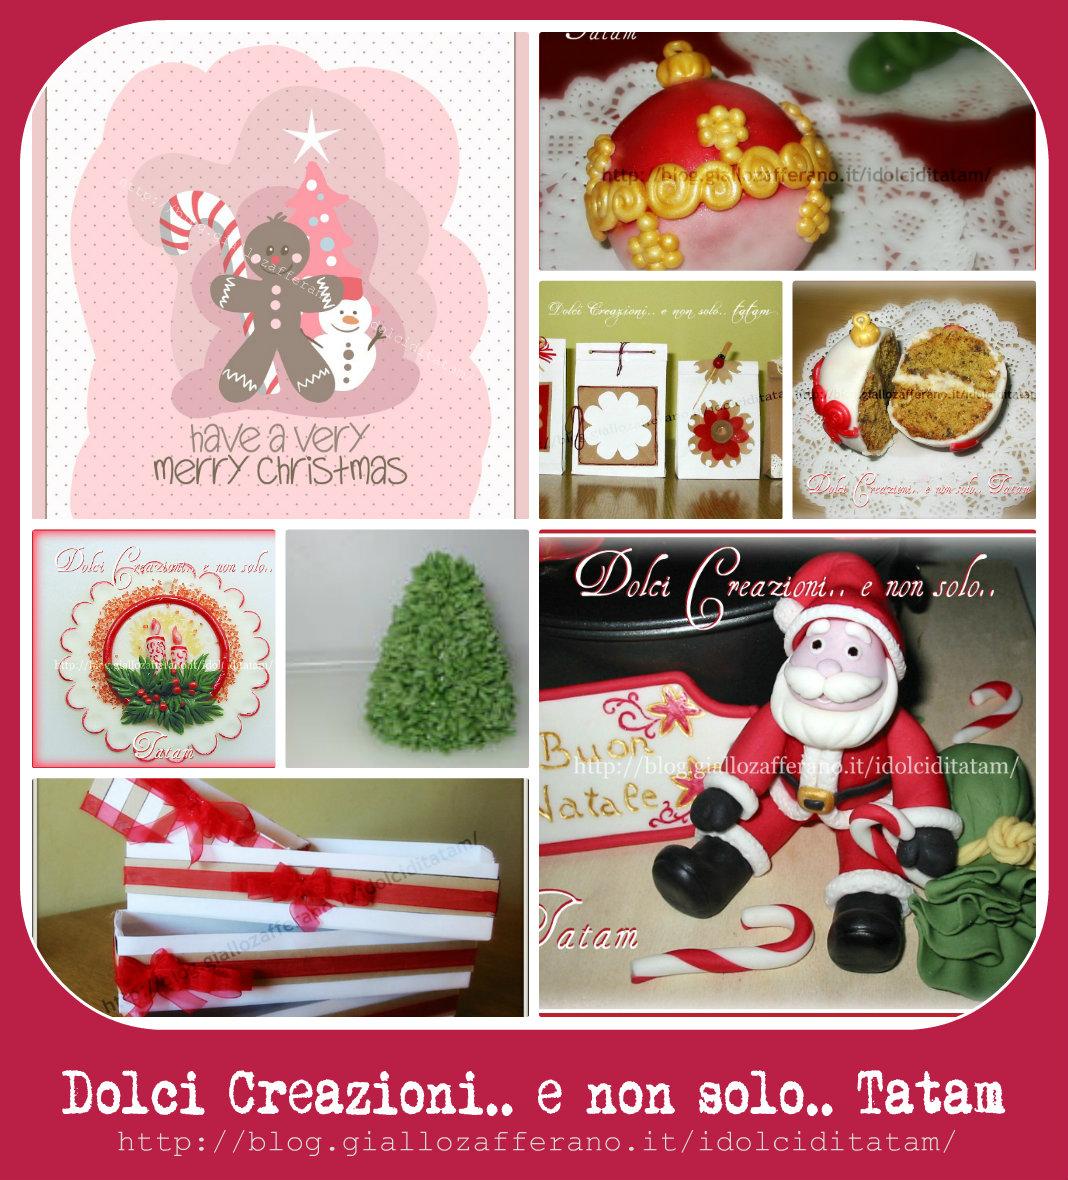 Eccezionale Idee regalo e Decorazioni Fai da te | per le festività | tatam blog SO02